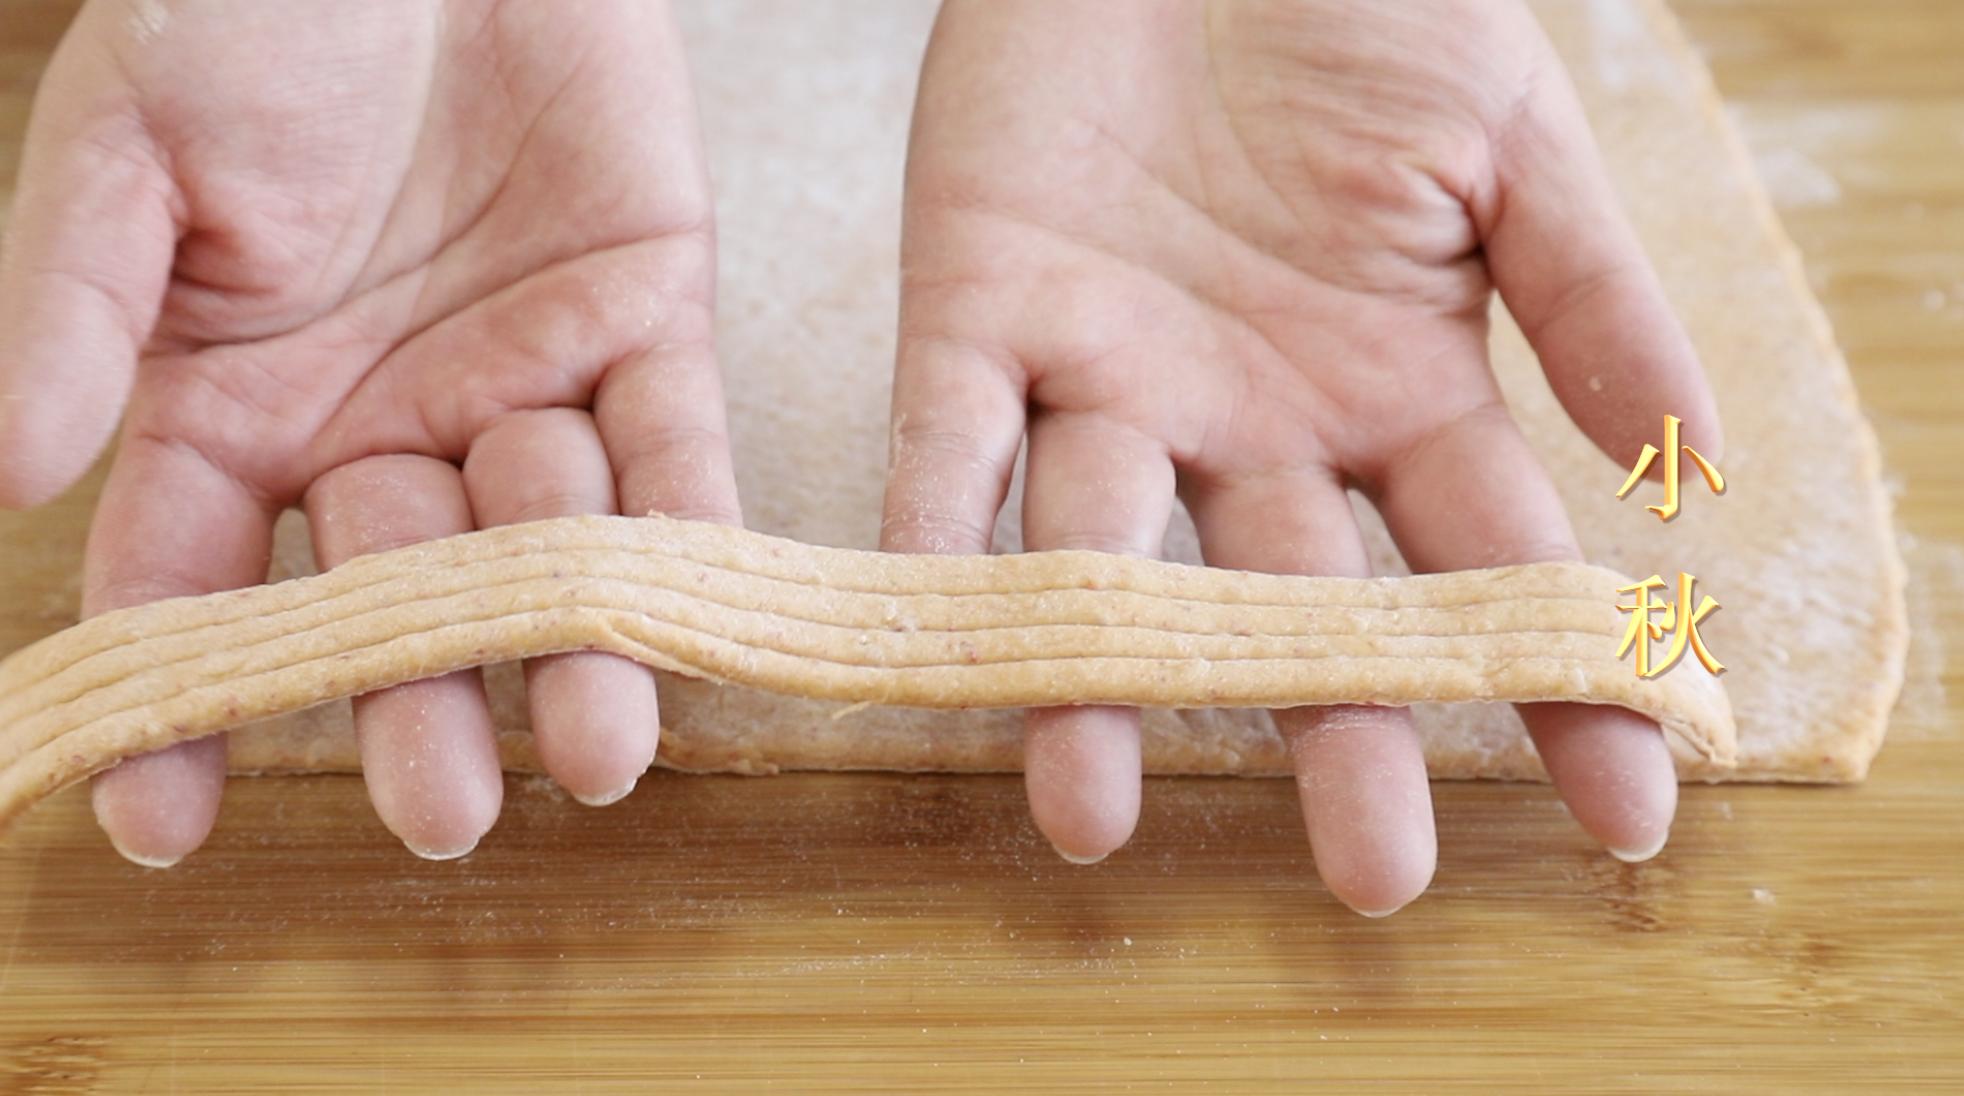 爱吃辣条的有福了,教你在家用剩米饭就能做,麻辣好吃无添加 美食做法 第6张